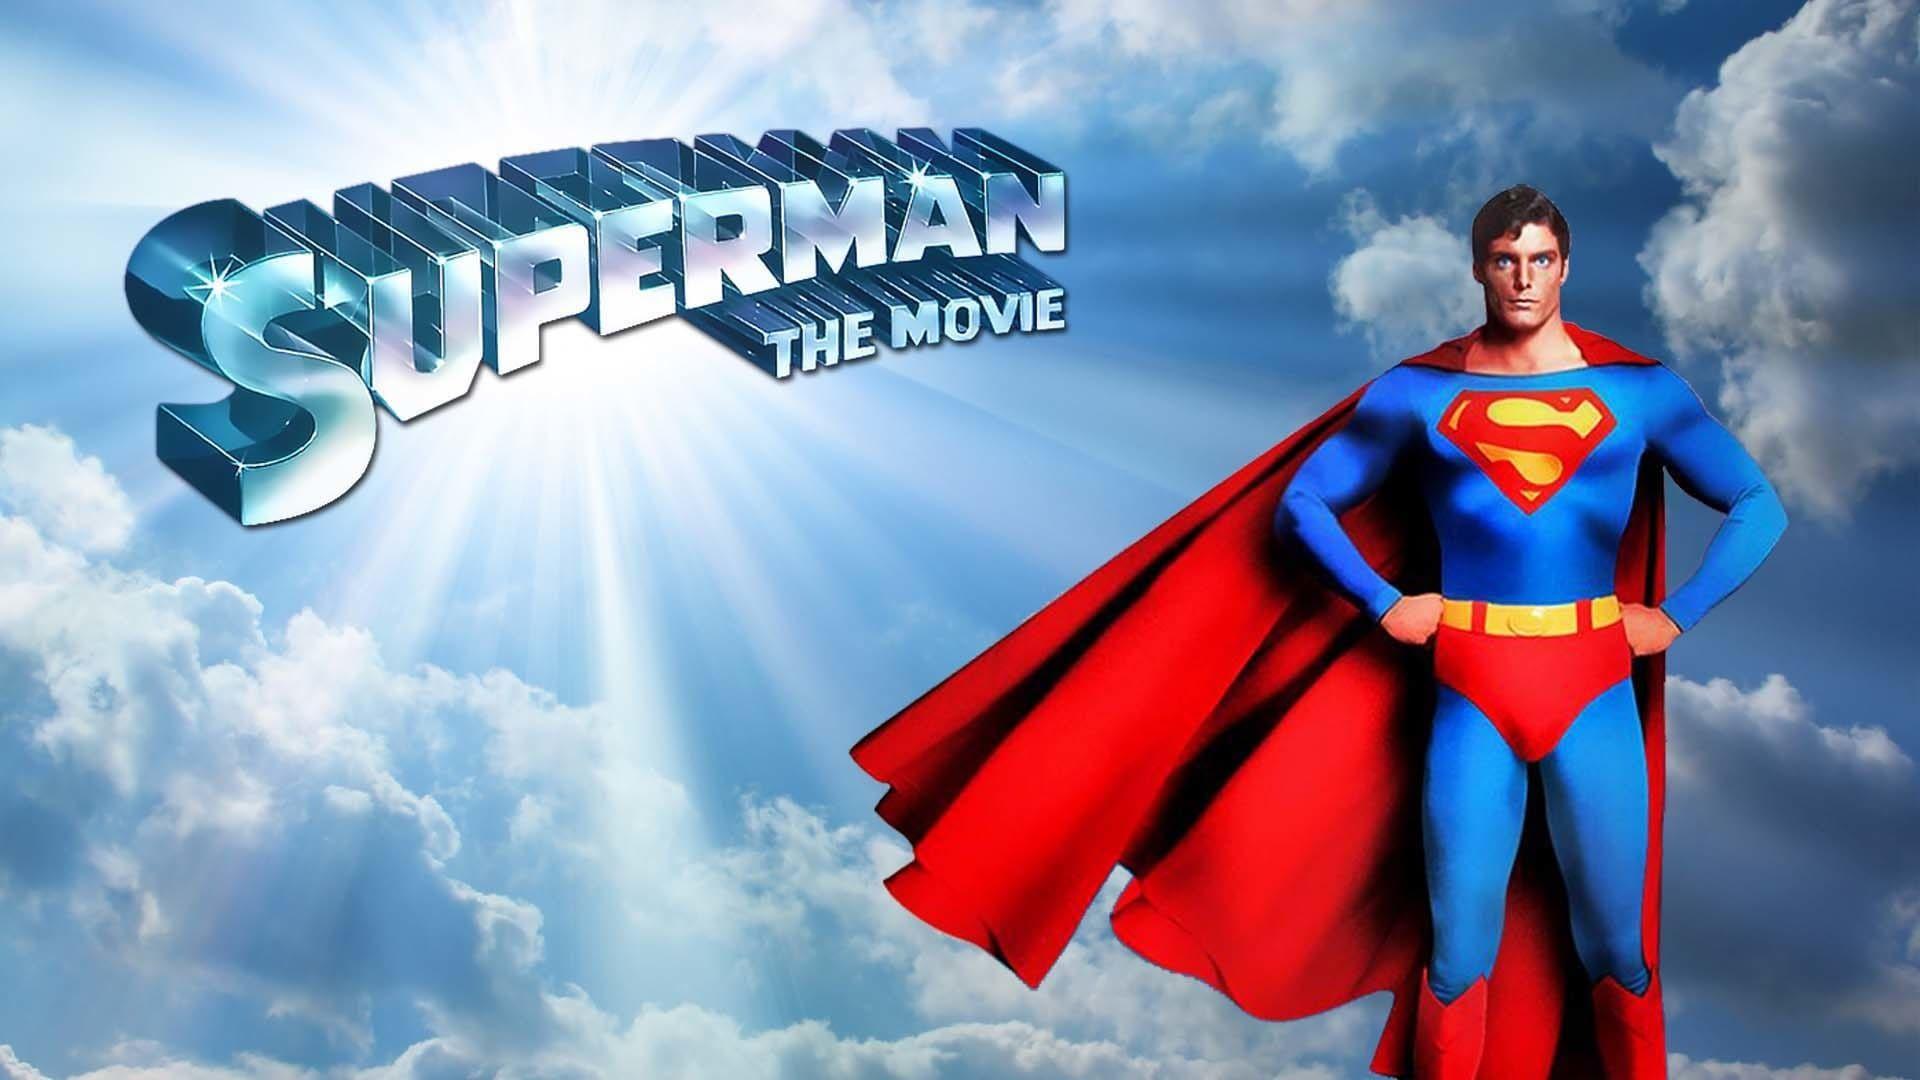 Superman 1978 Ganzer Film Stream Deutsch Komplett Online Superman 1978complete Film Deutsch Supe Free Movies Online Full Movies Online Free Movies Online